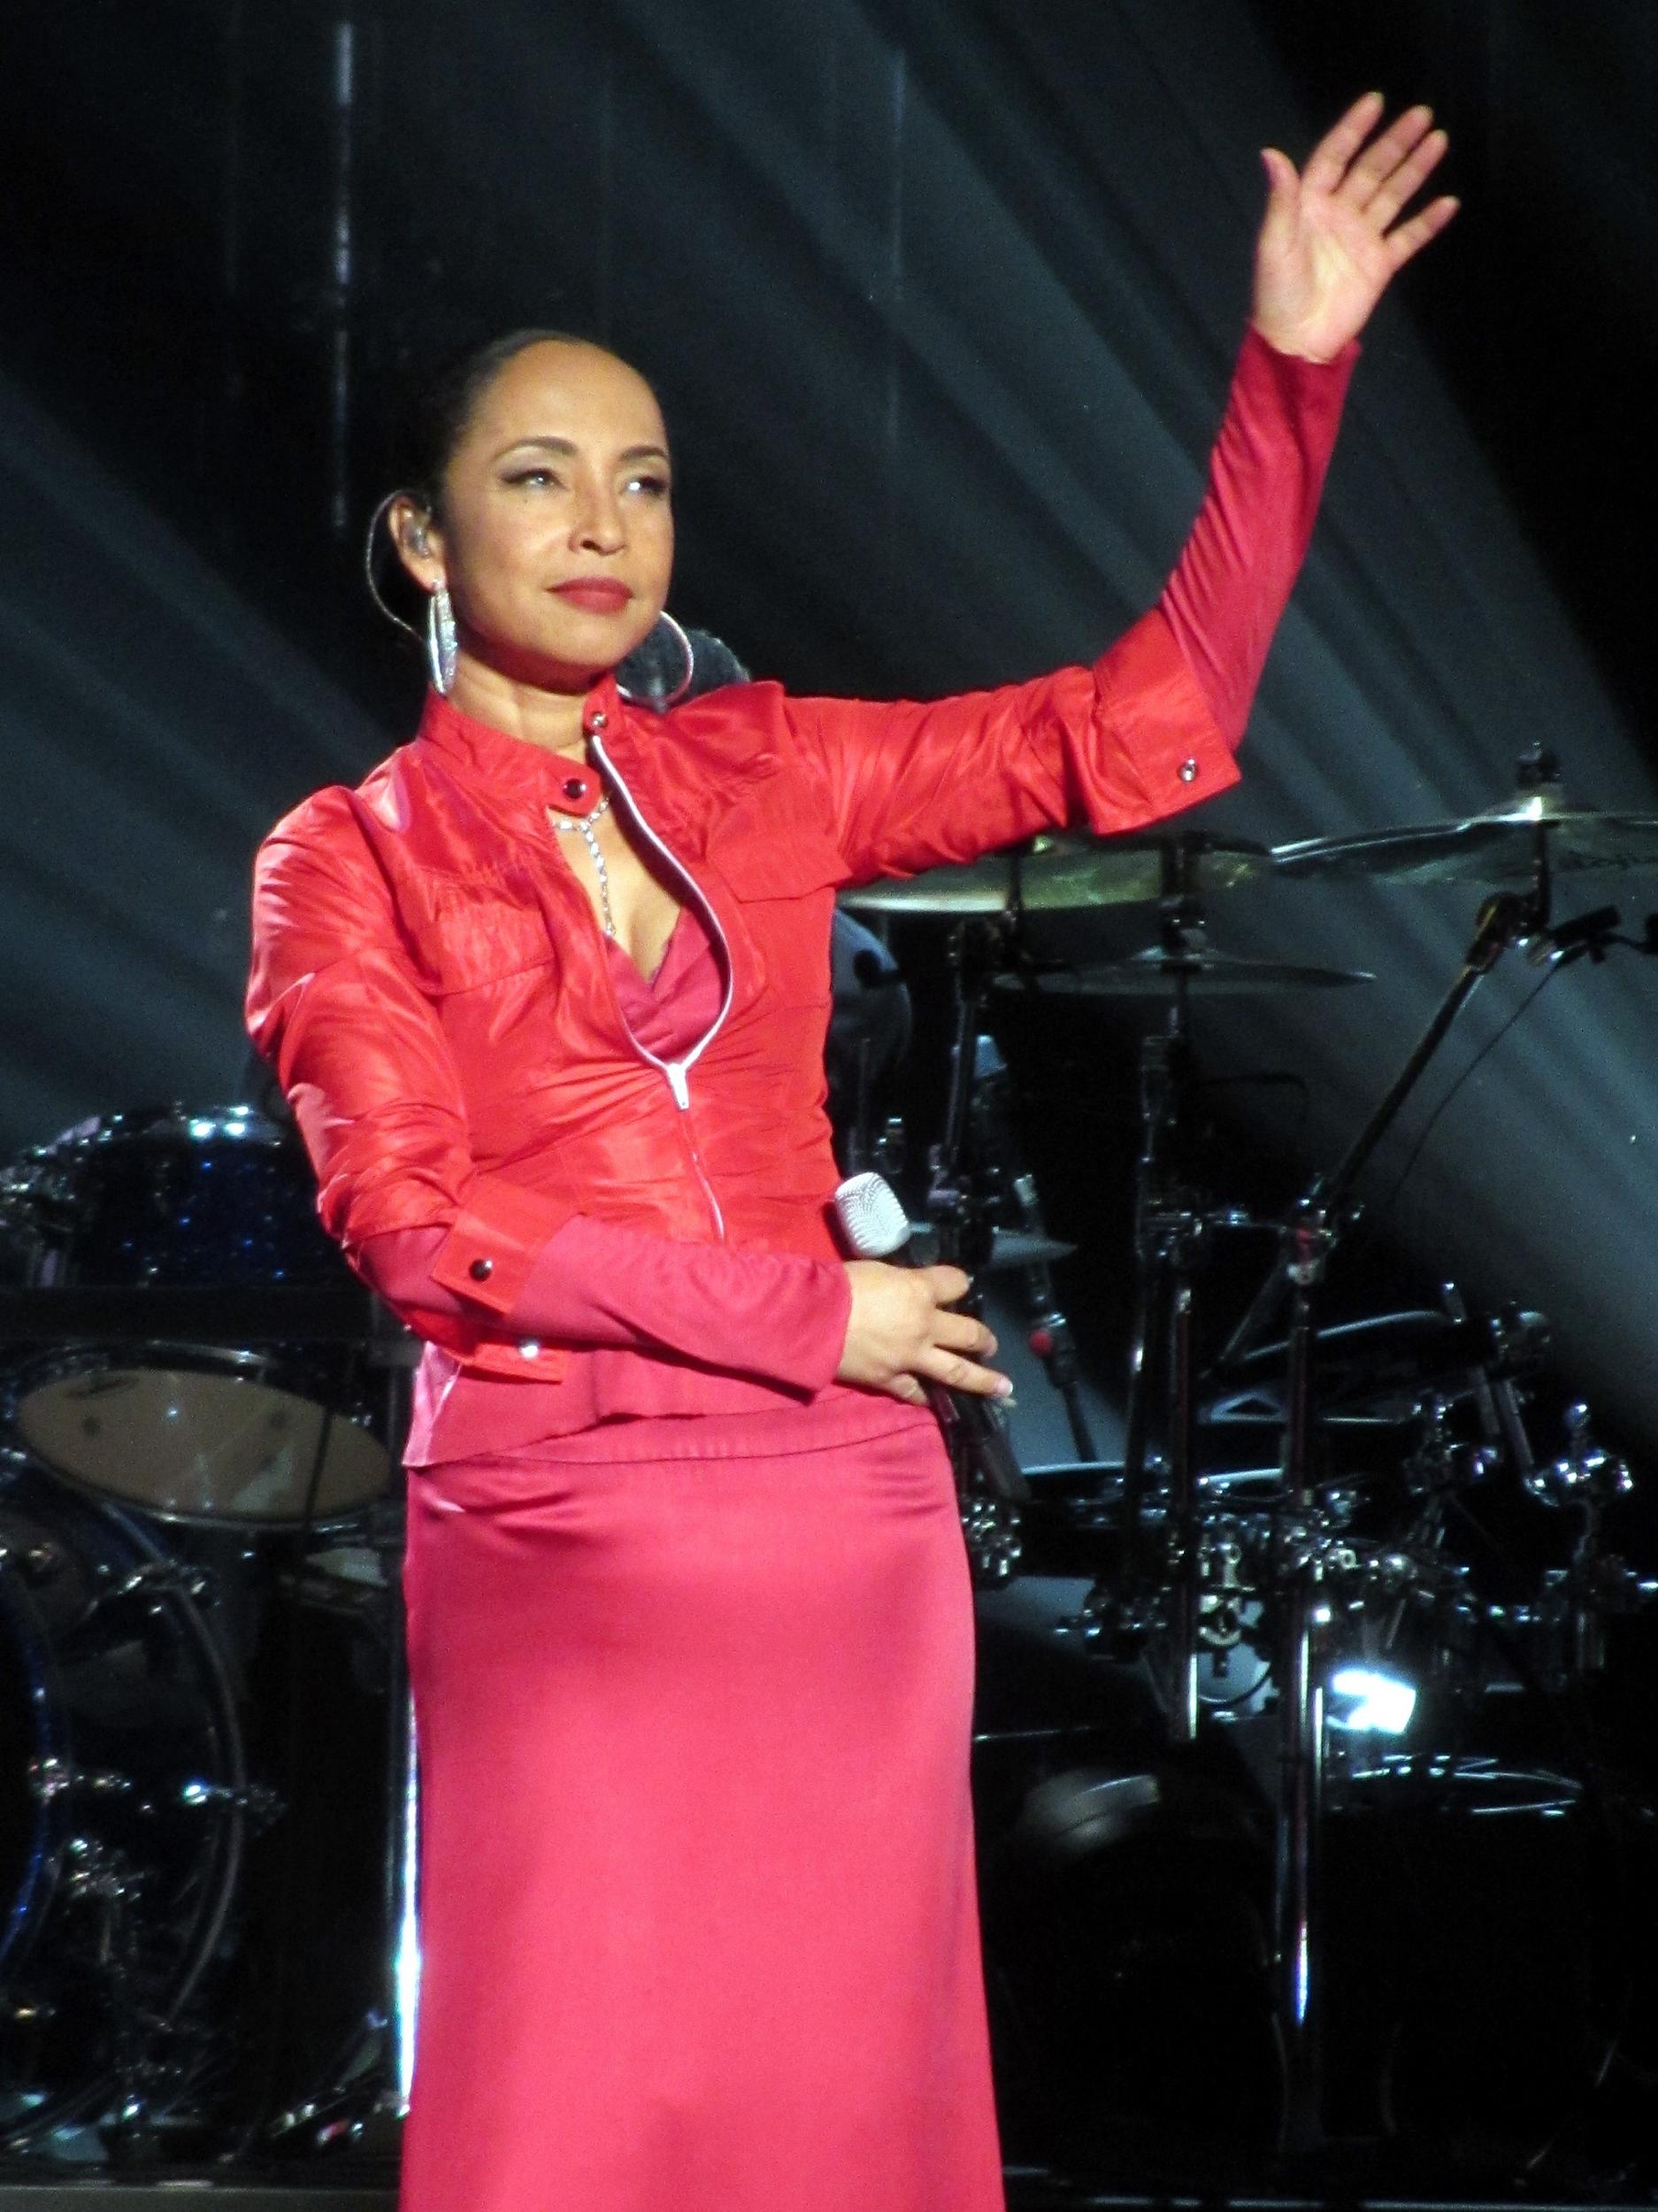 Sade (singer) Wikipedia